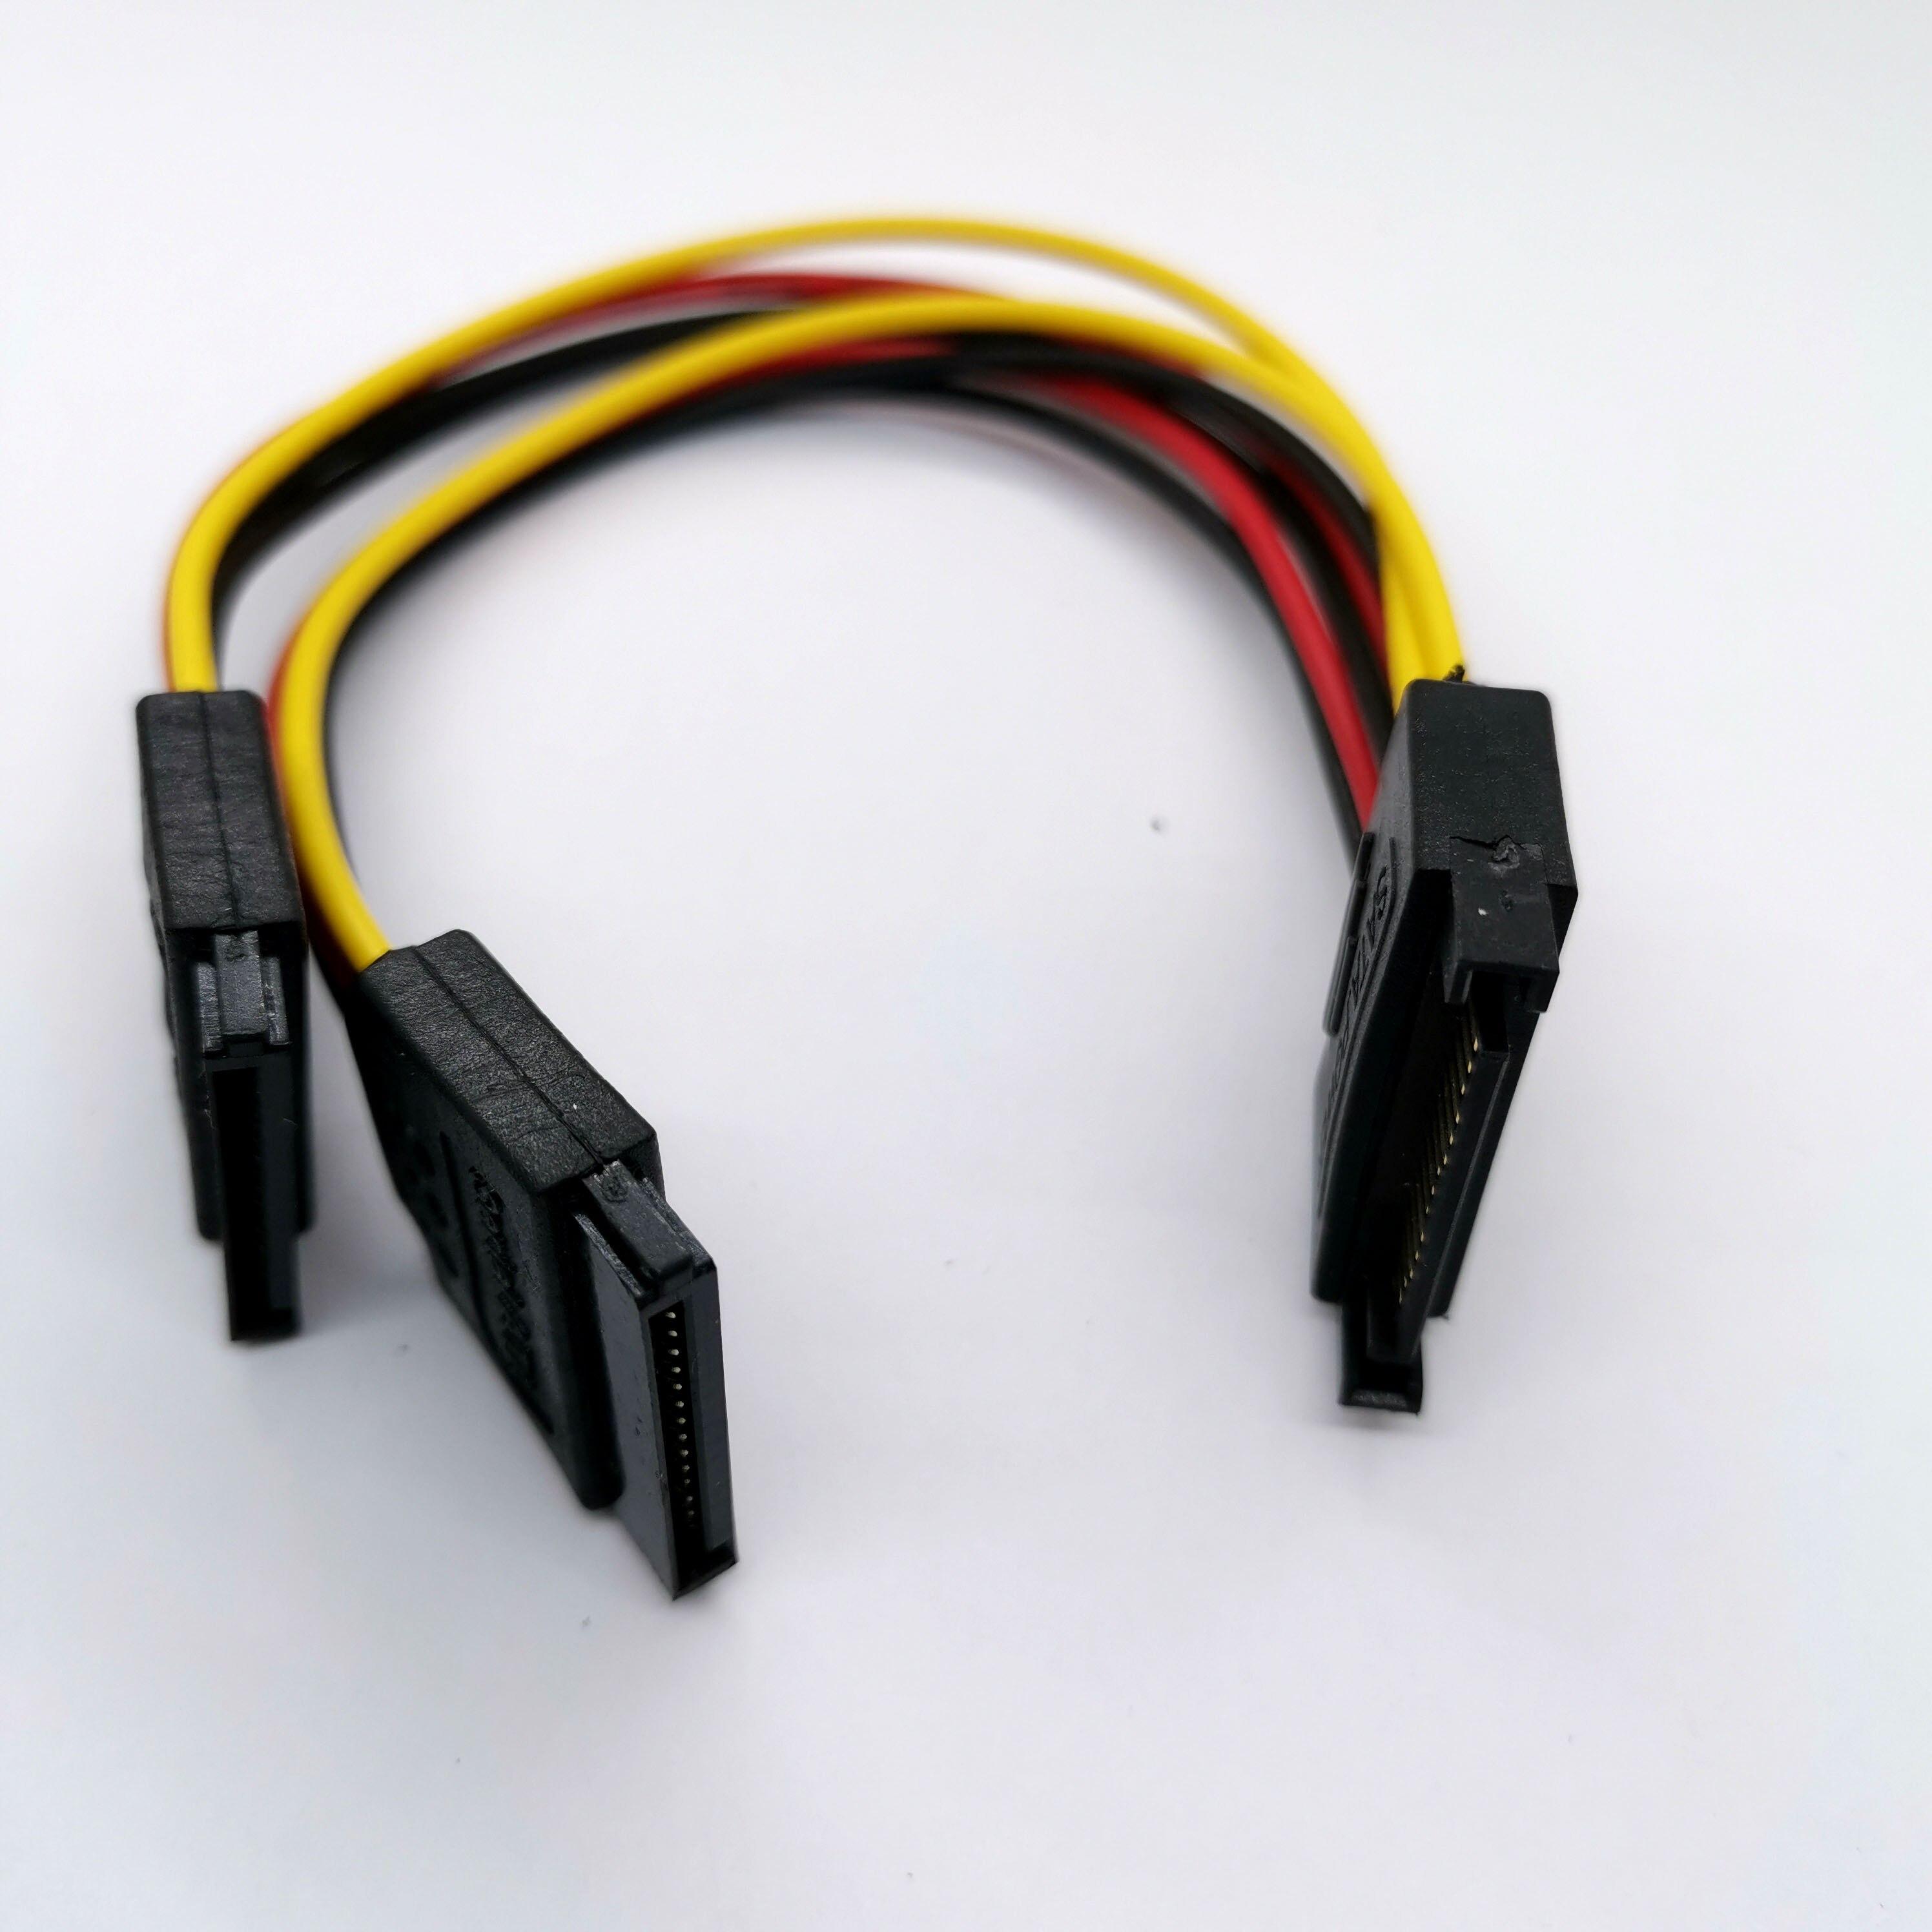 20 см 15 Pin SATA папа к женскому 2x15 Pin 15 P SATA адаптер удлинитель питания кабель 8 дюймов 1 шт.